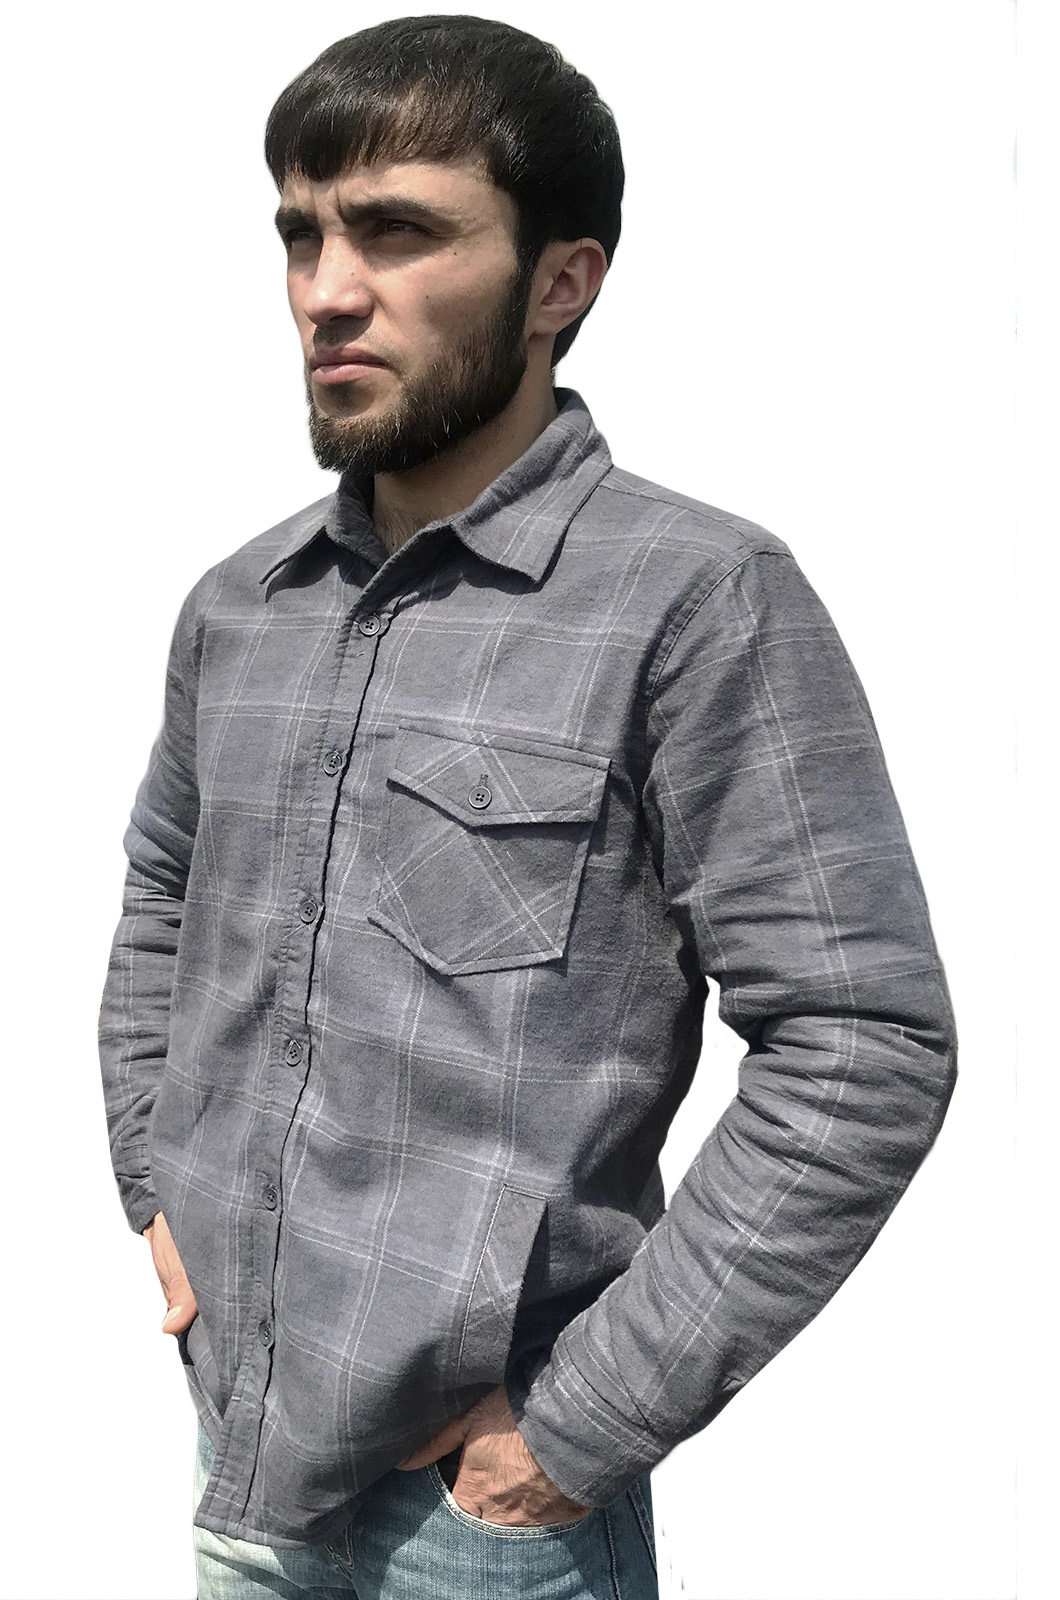 Стильная утепленная рубашка с вышитым флагом Новороссии - купить по низкой цене